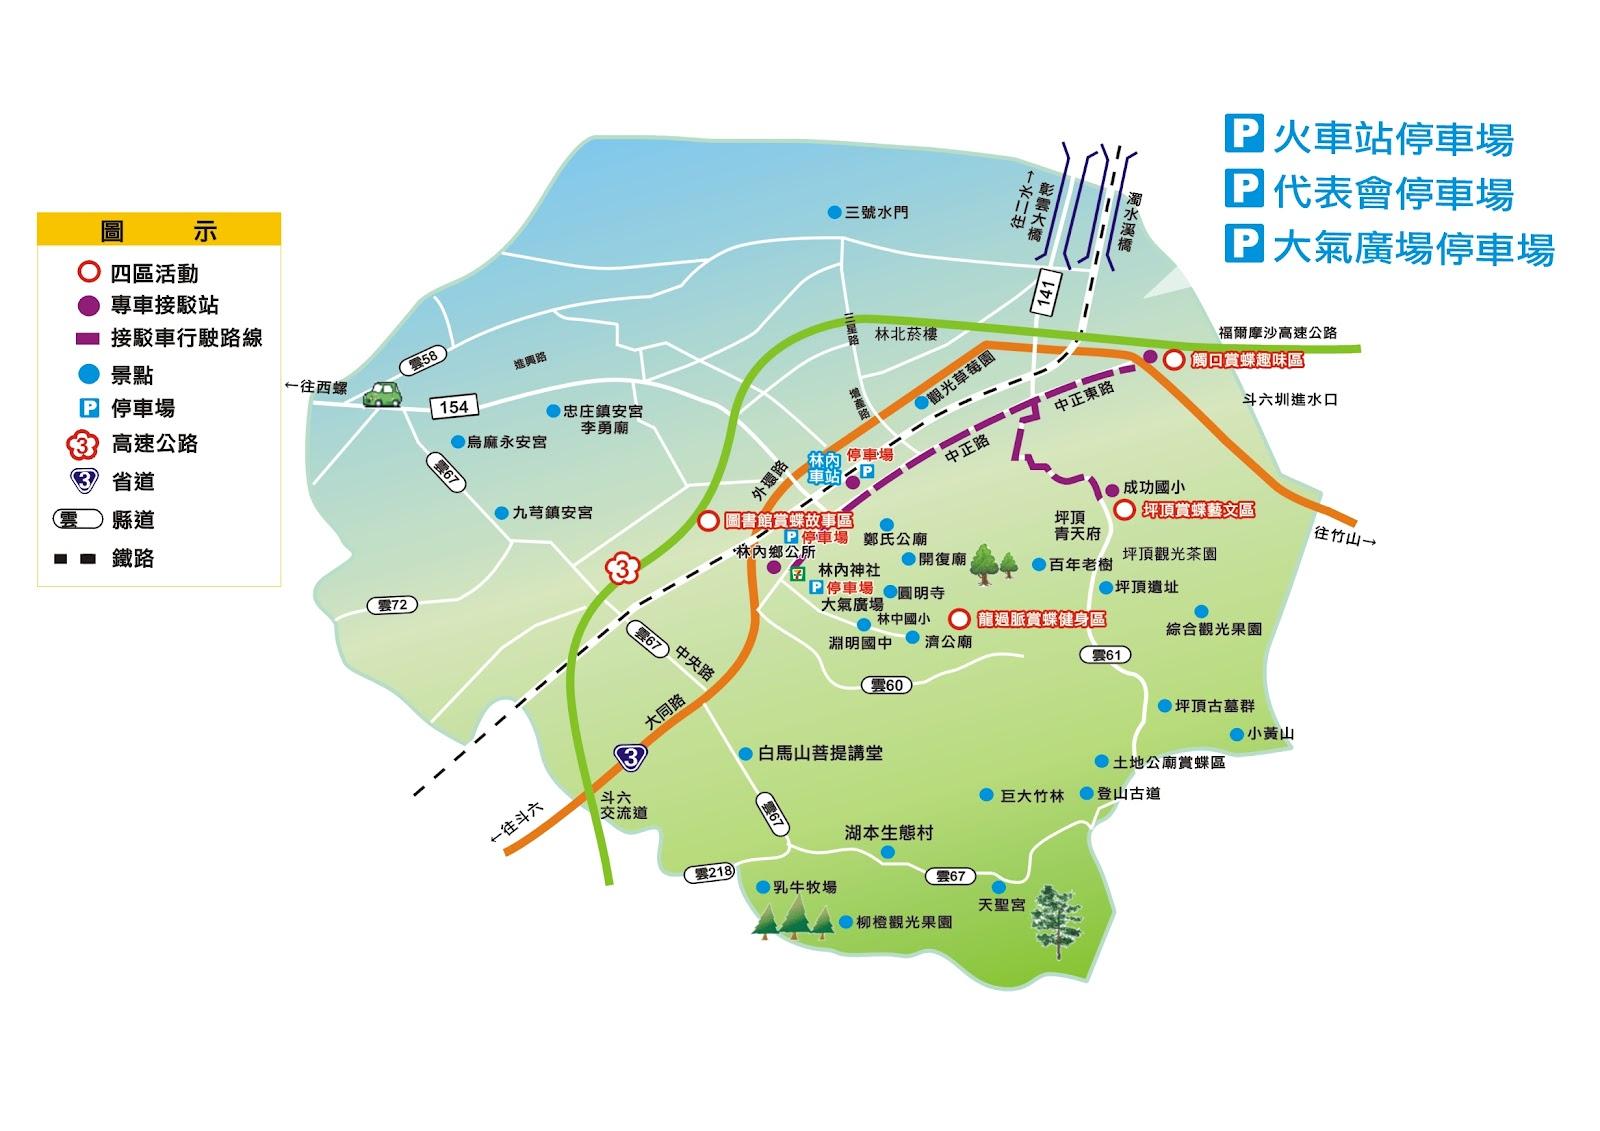 林內觀光景點圖/賞蝶地圖